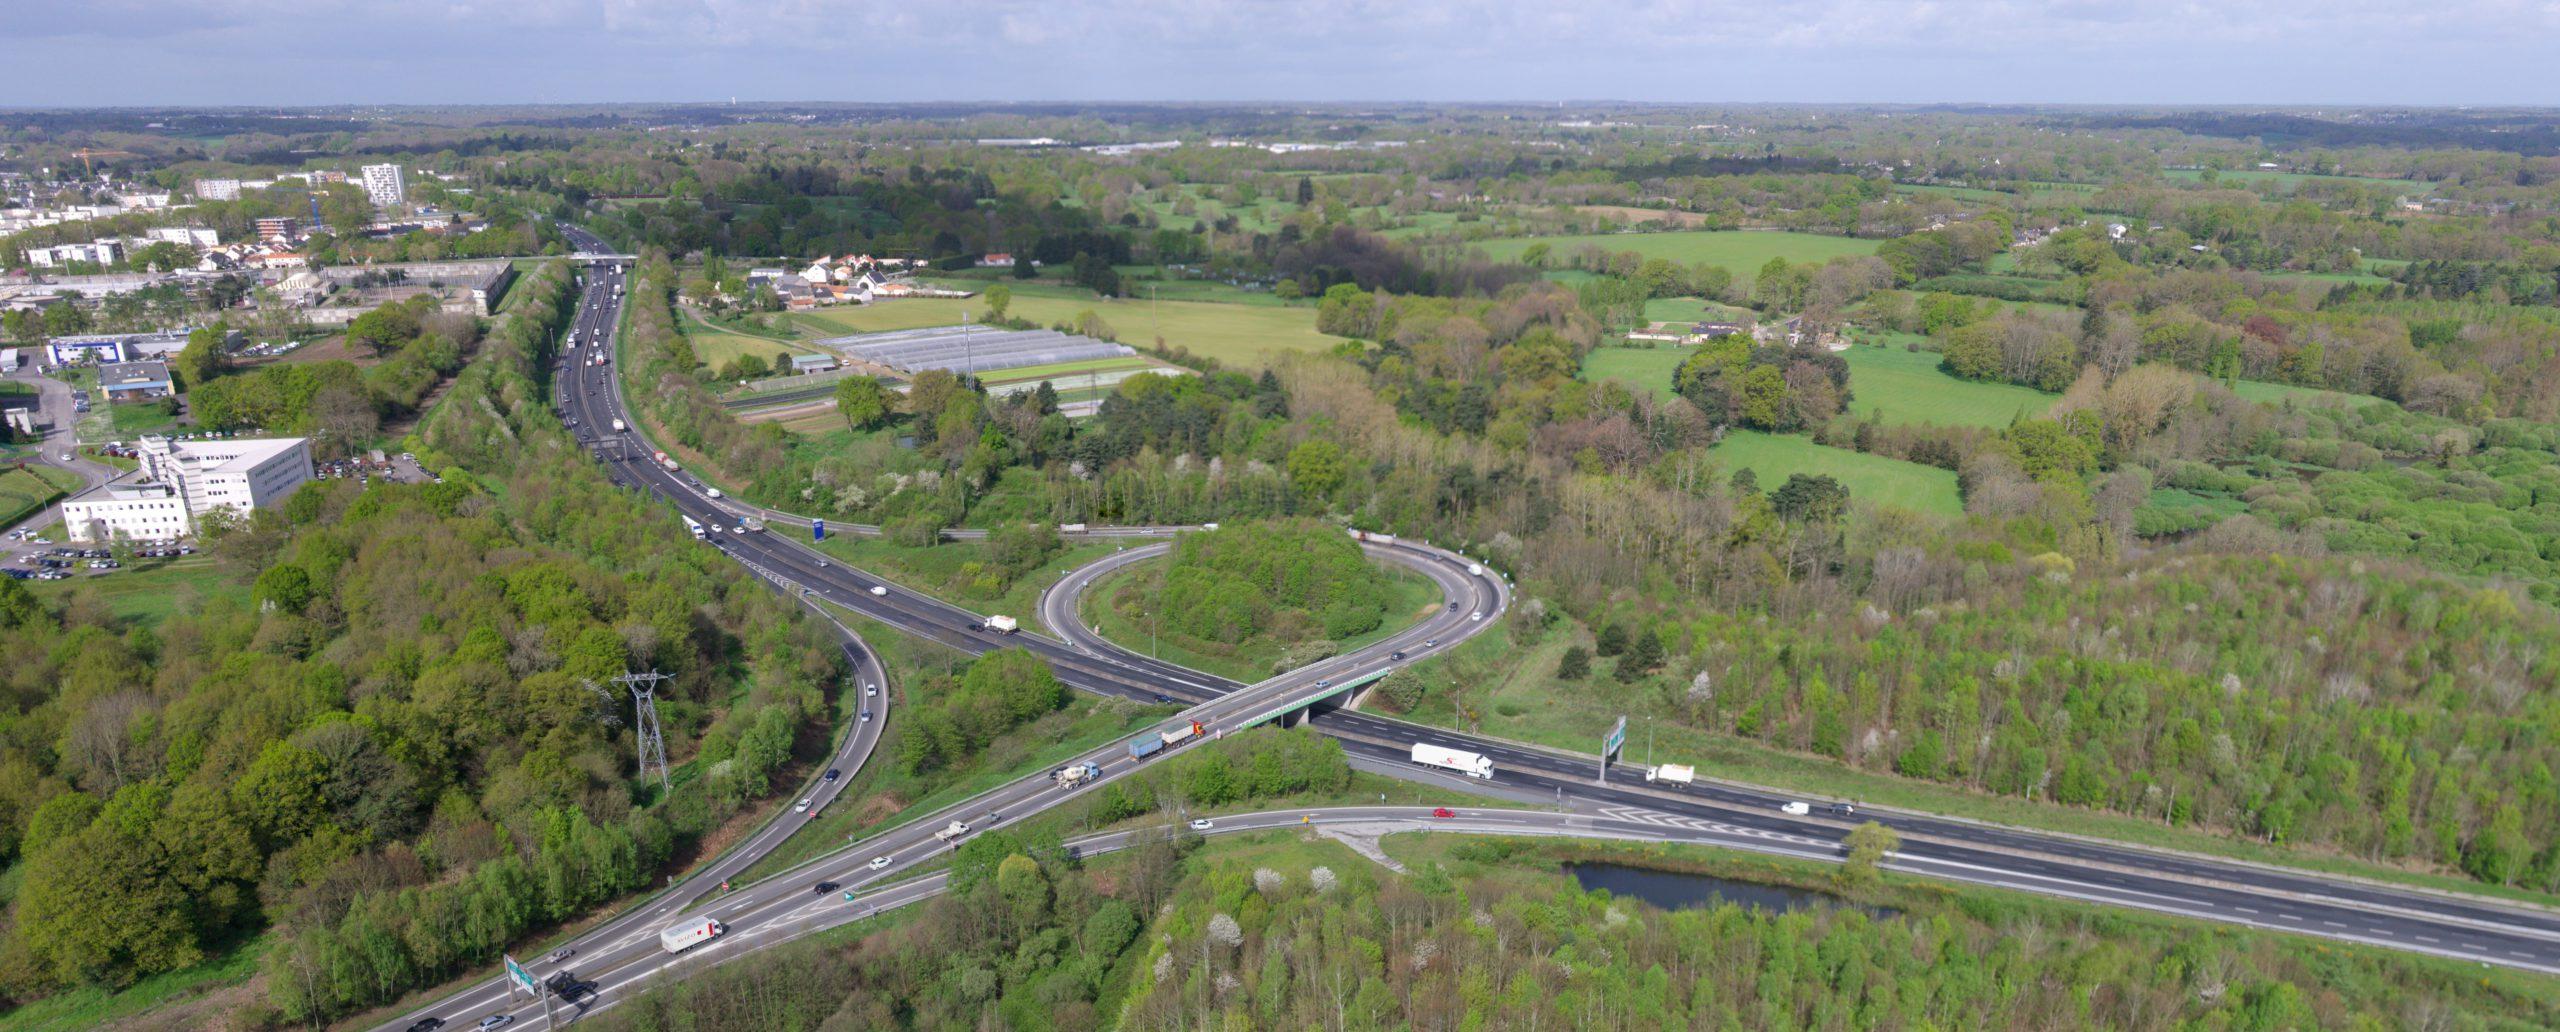 Image de fond Vinci autoroutes